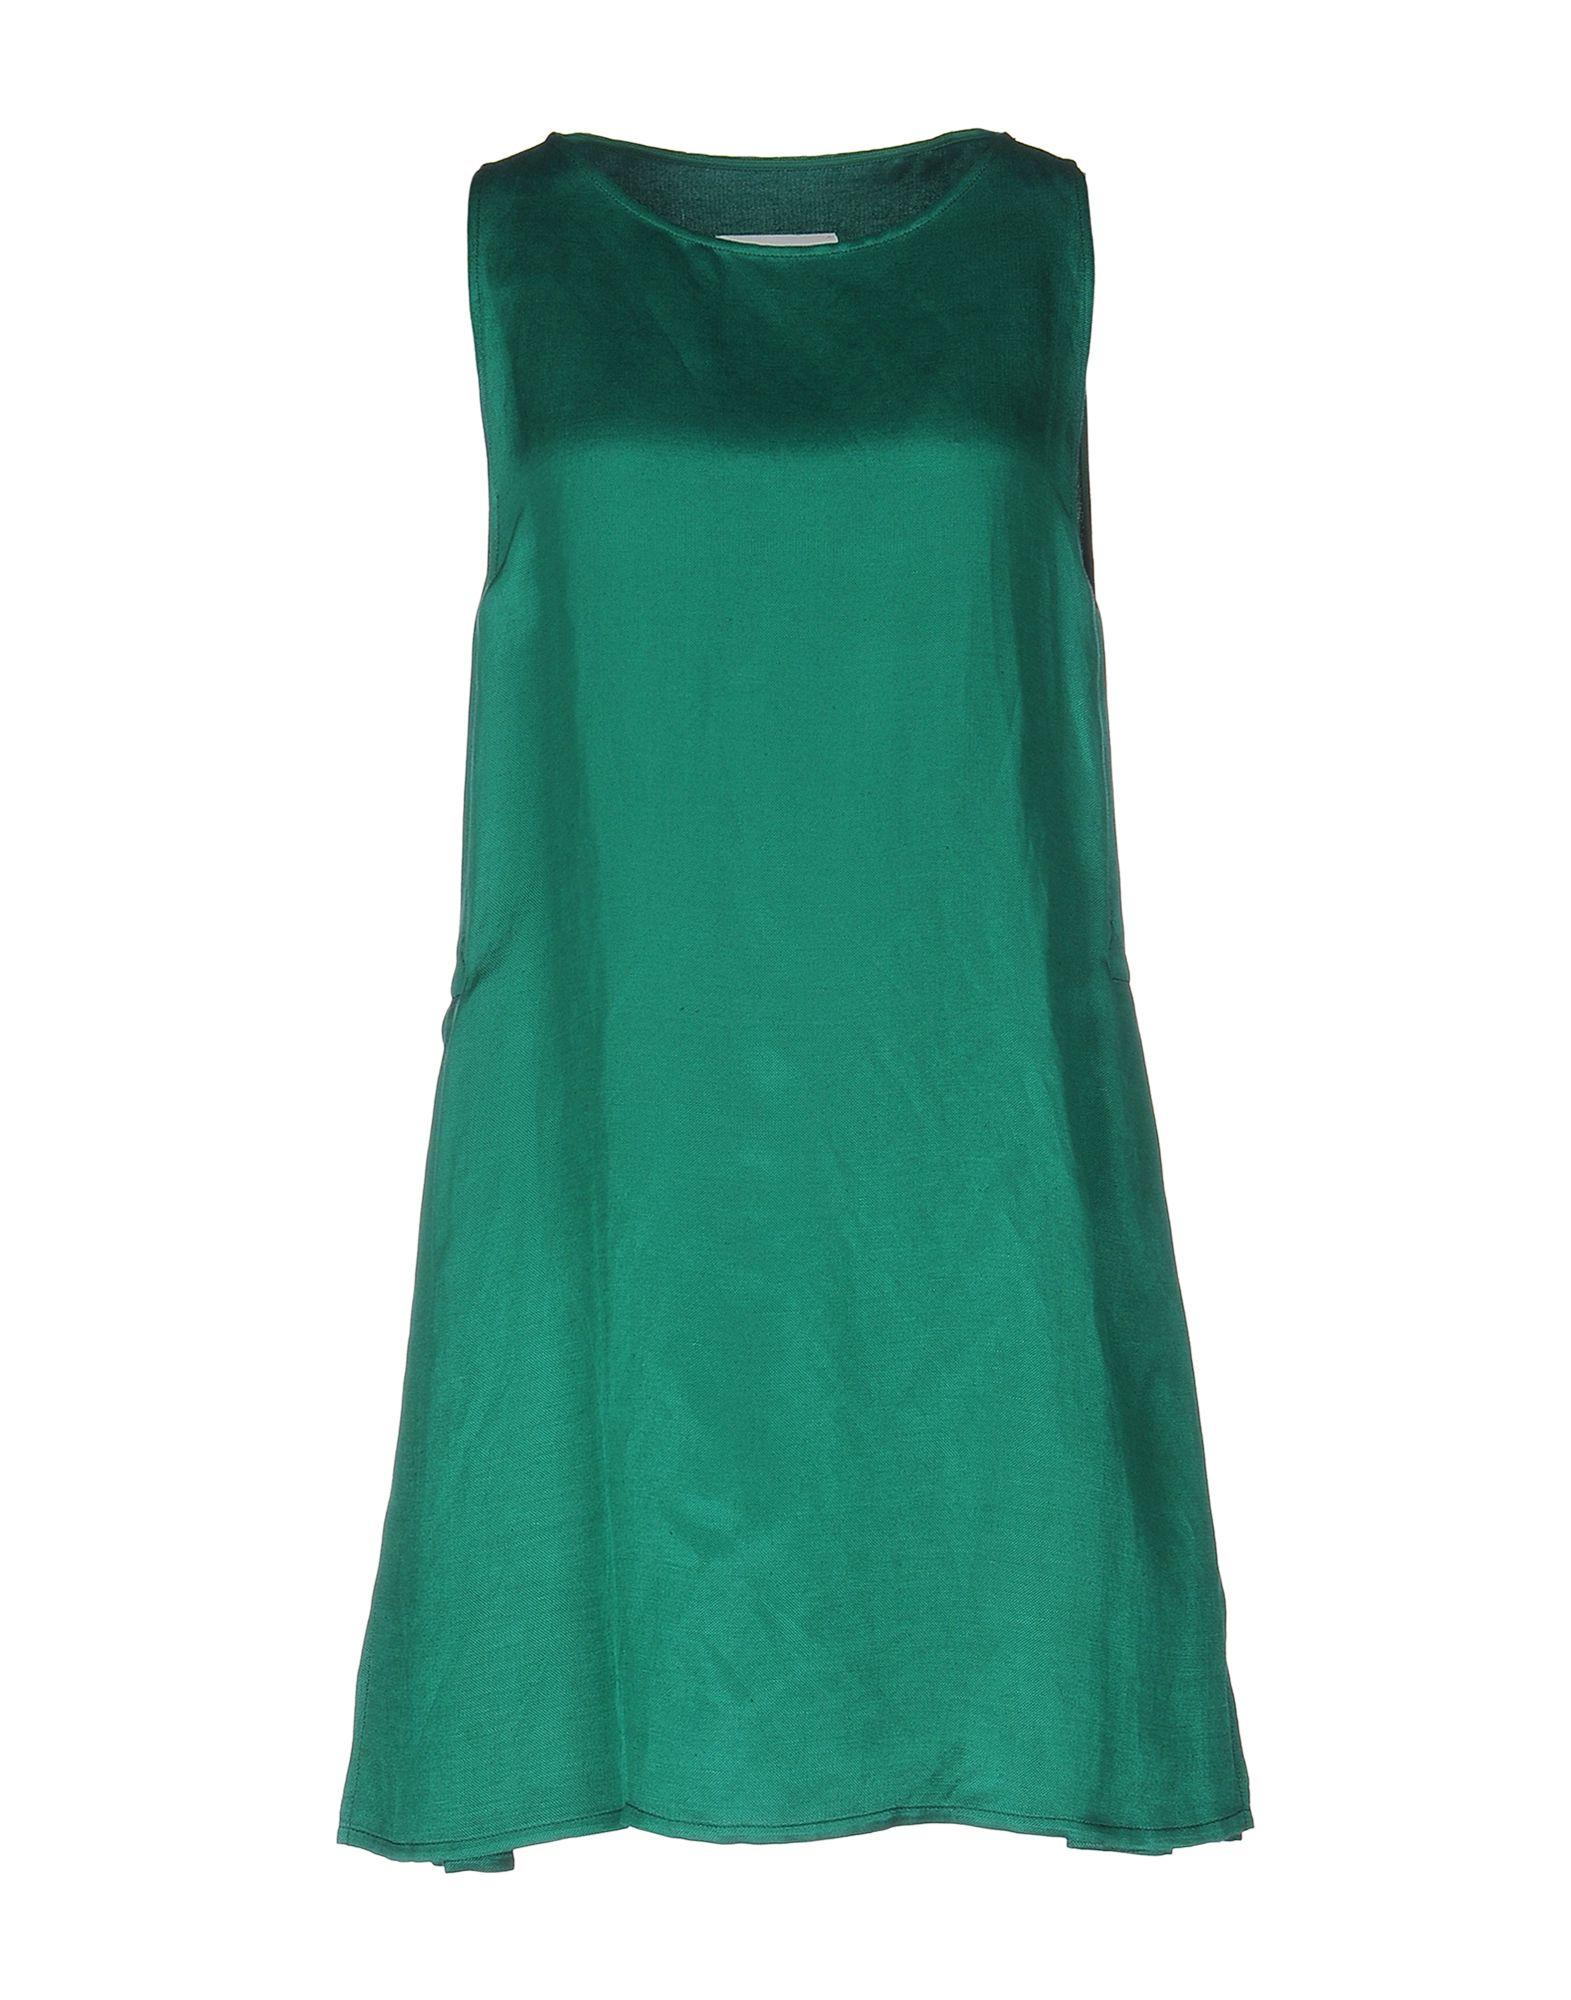 MM6 MAISON MARGIELA Damen Kurzes Kleid Farbe Grün Größe 6 - broschei